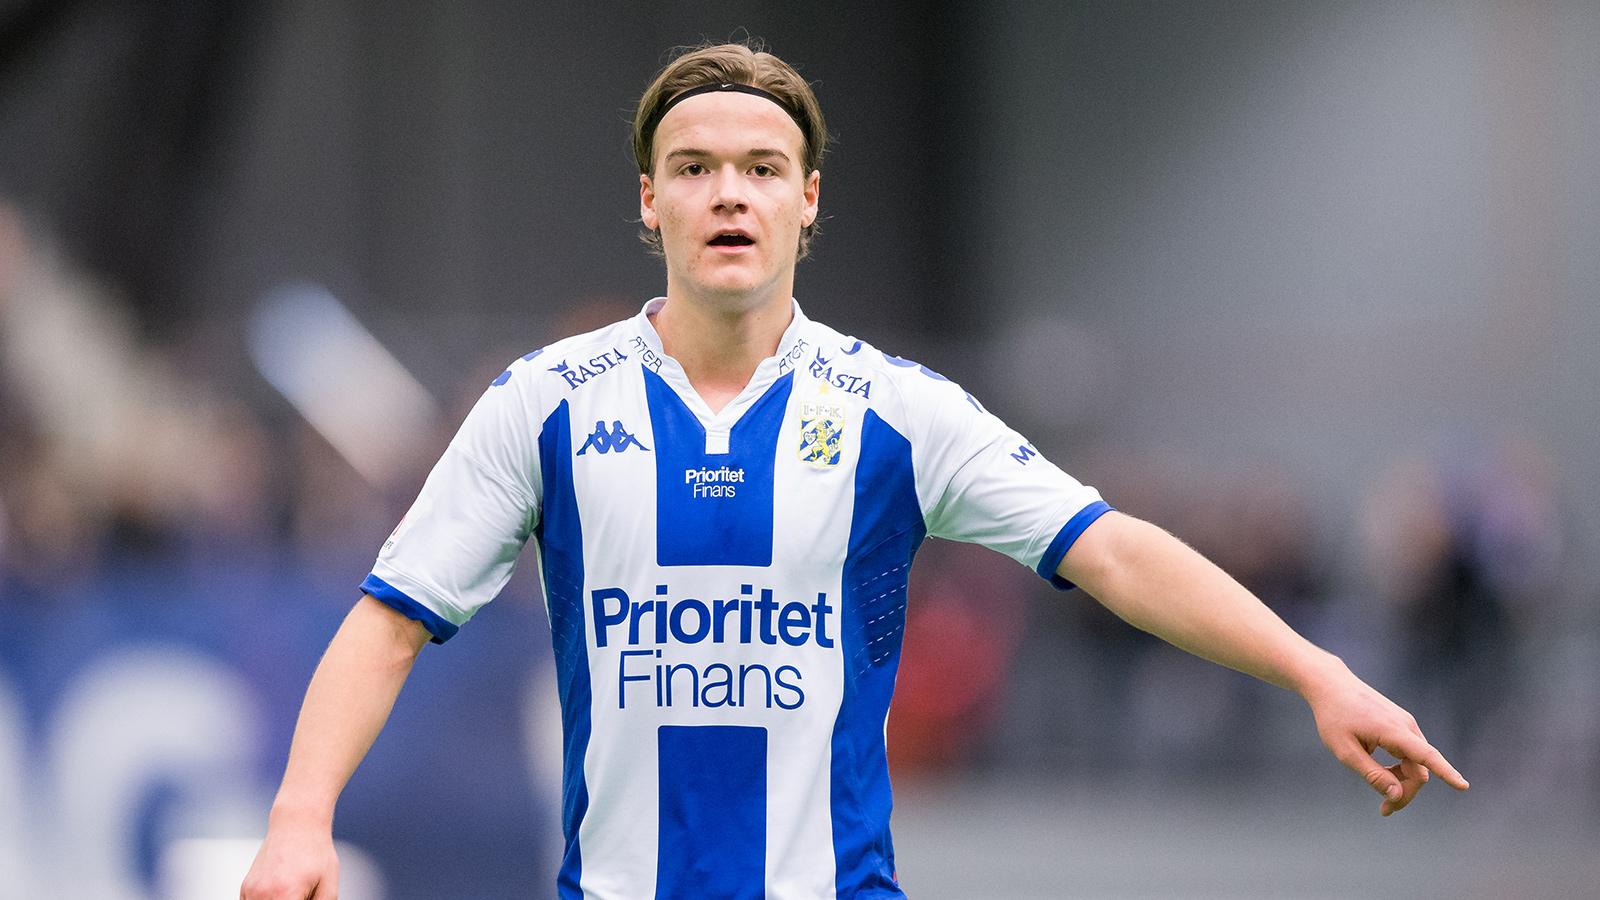 180127 IFK Göteborgs August Erlingmark under en träningsmatch i fotboll mellan IFK Göteborg och Stabaek den 27 januari 2018 i Göteborg.